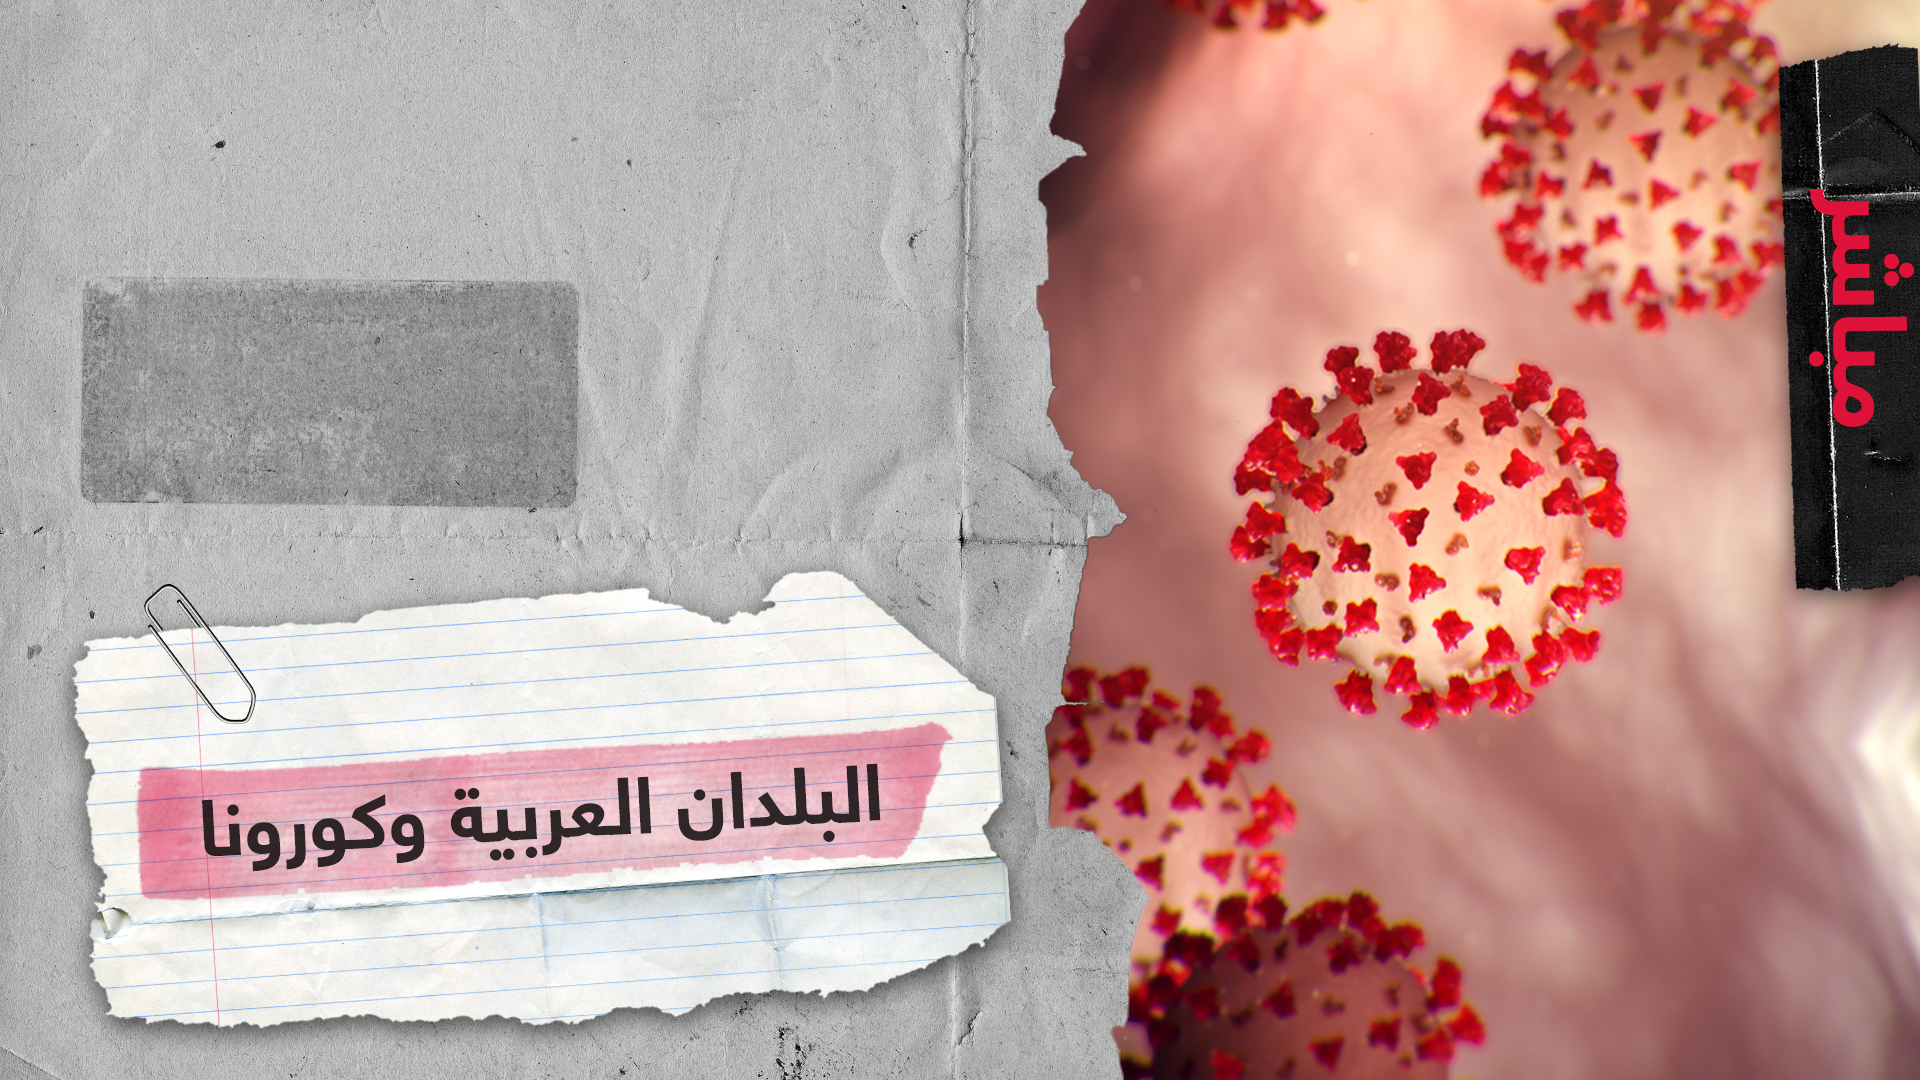 5 دول عربية من بين الأخطر عالميا للإصابة بكورونا حسب قائمة سويسرية